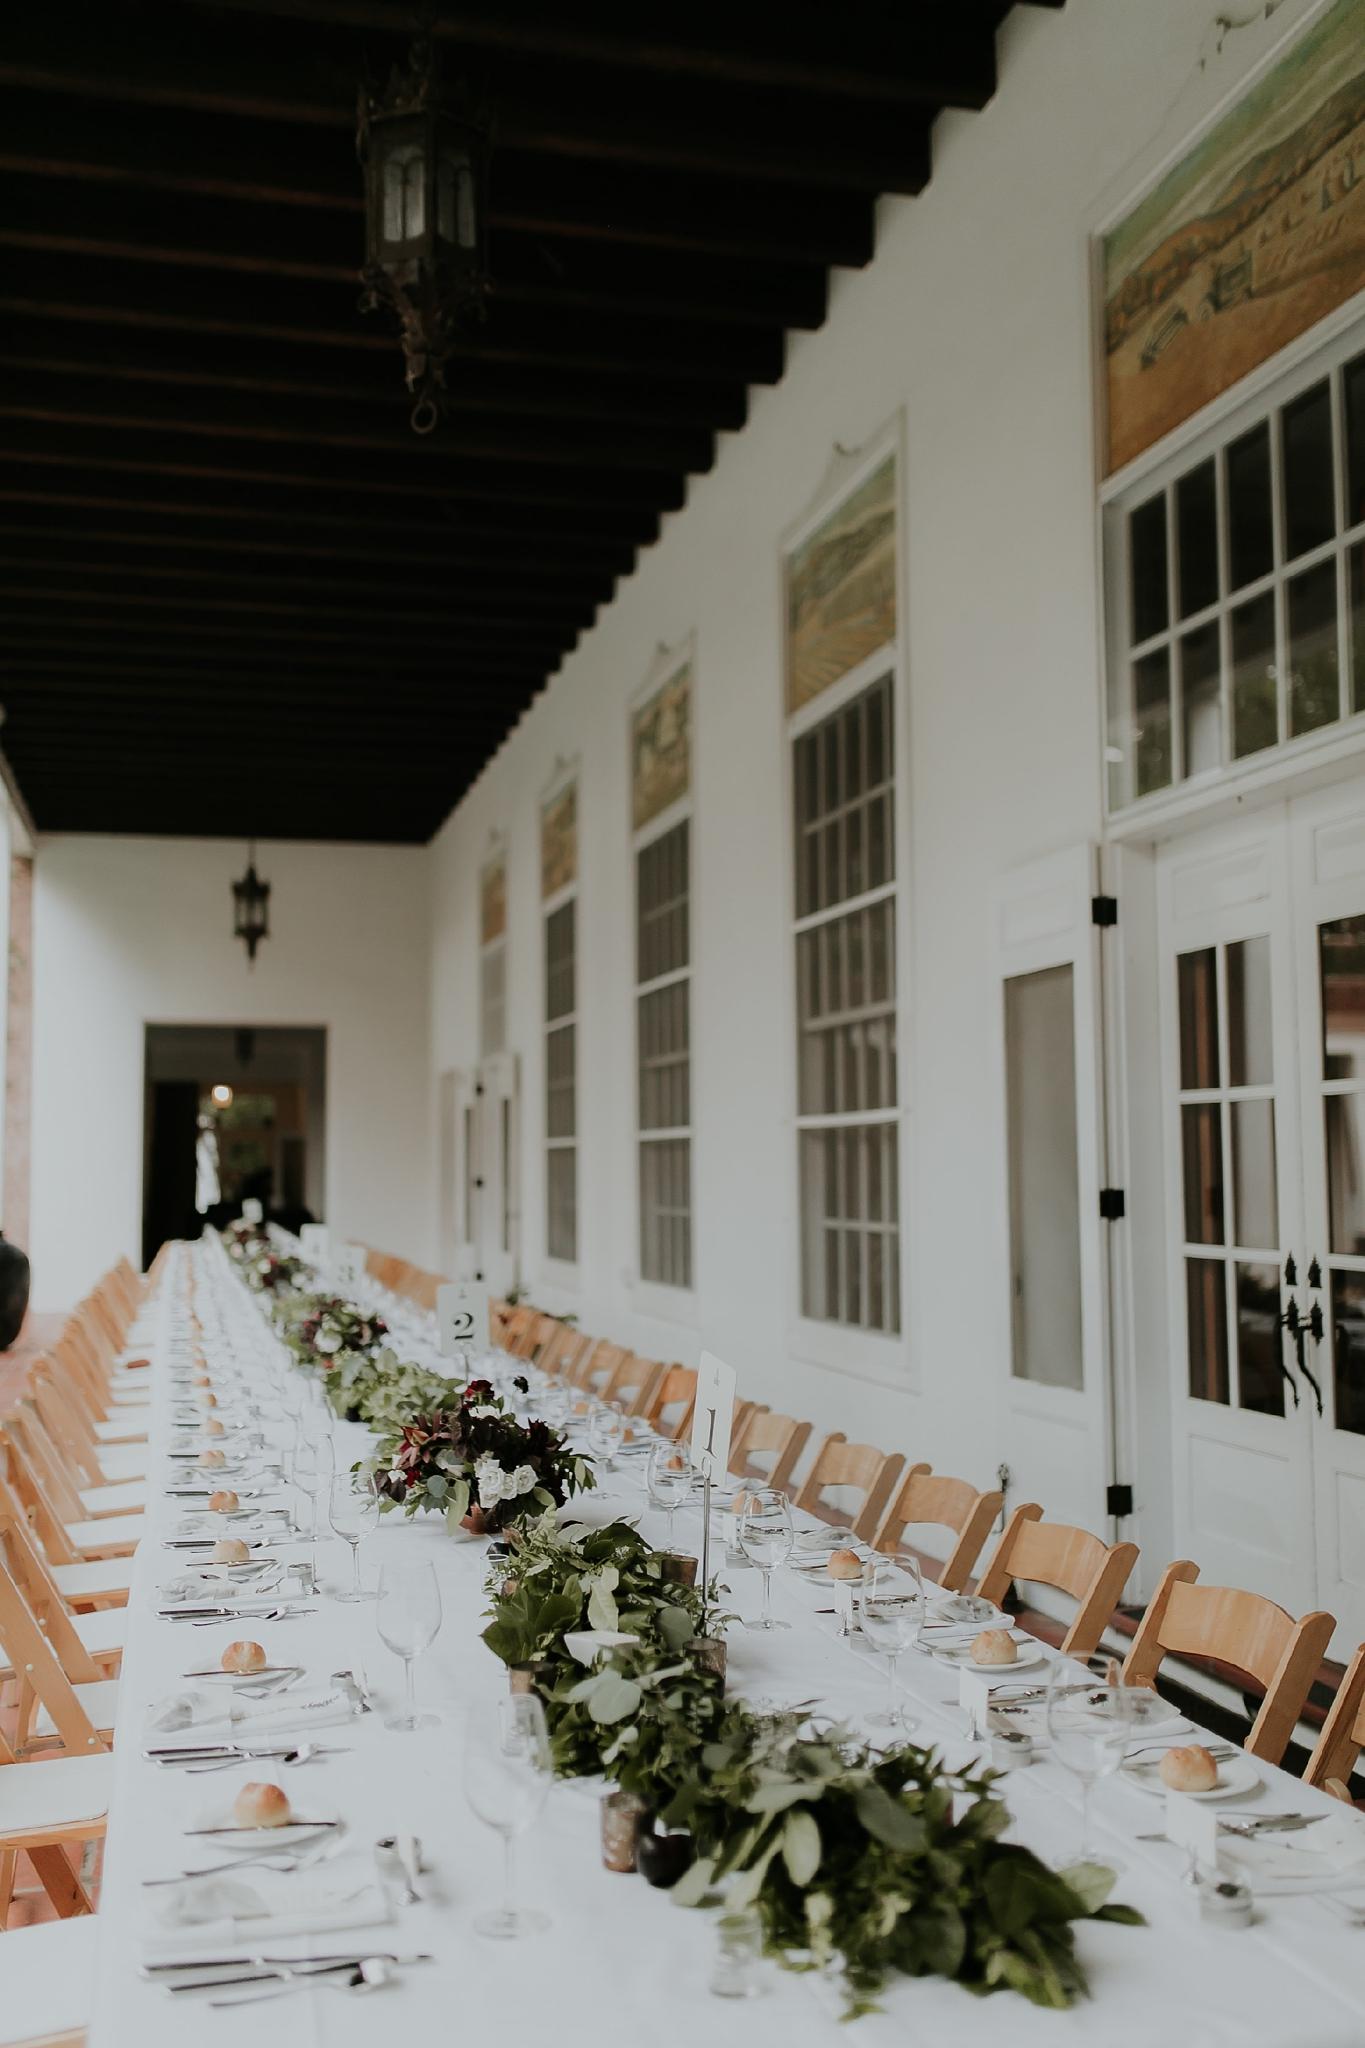 Alicia+lucia+photography+-+albuquerque+wedding+photographer+-+santa+fe+wedding+photography+-+new+mexico+wedding+photographer+-+new+mexico+wedding+-+new+mexico+florist+-+floriography+flowers+-+floriography+flowers+new+mexico+-+wedding+florist_0087.jpg